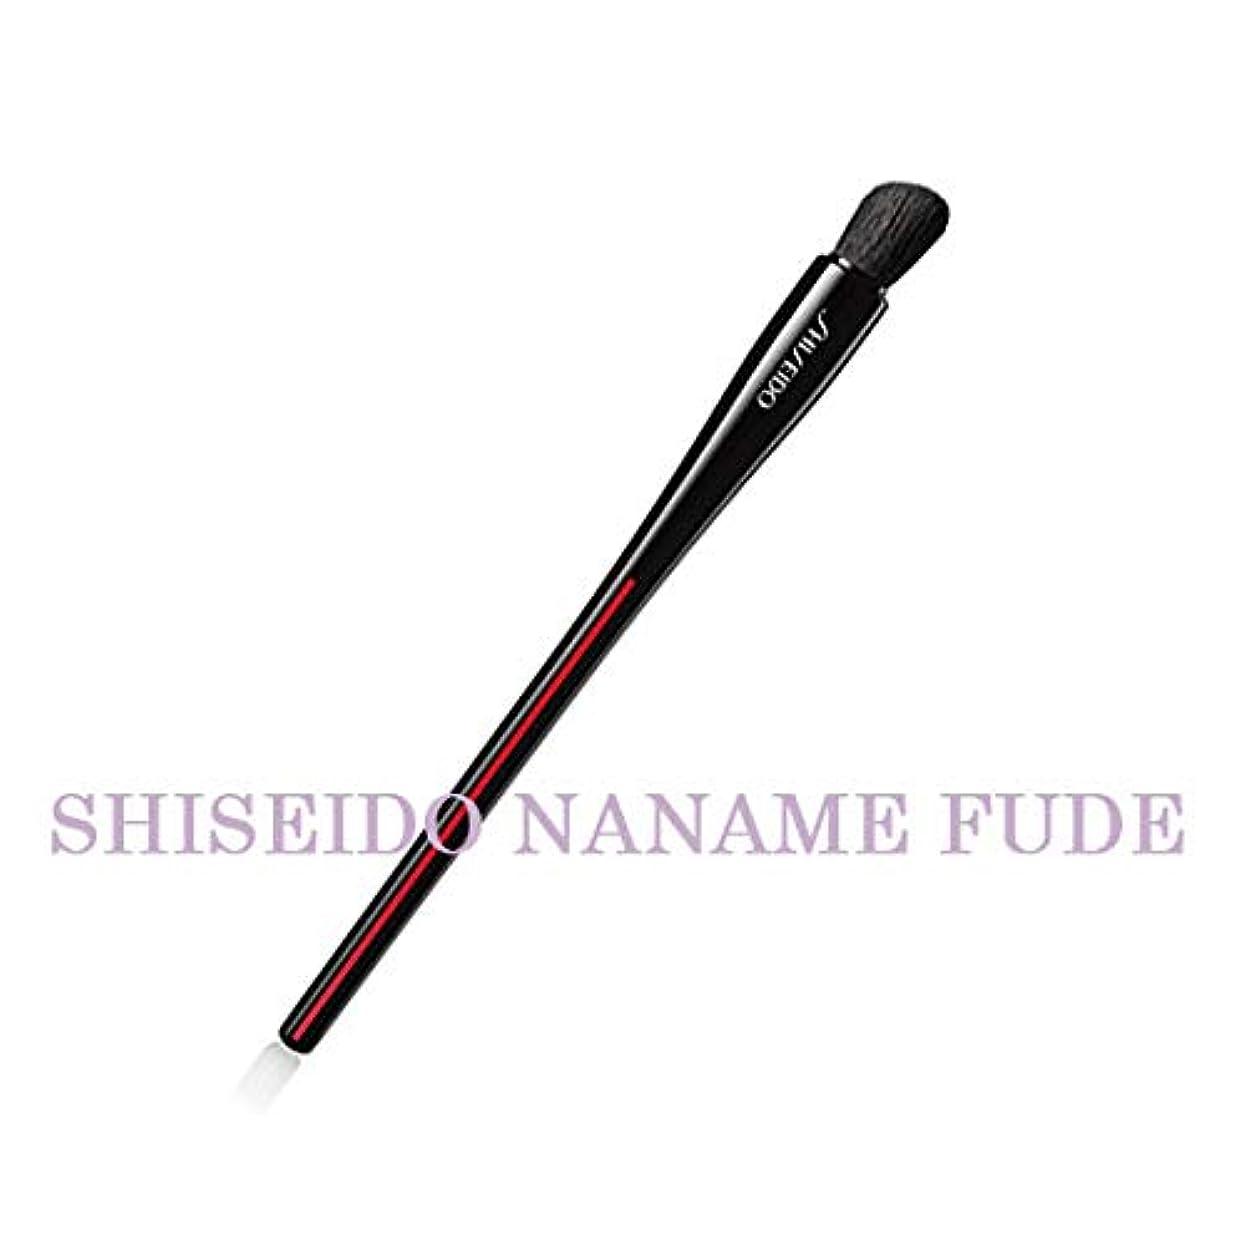 使い込む虚弱恥SHISEIDO Makeup(資生堂 メーキャップ) SHISEIDO(資生堂) SHISEIDO NANAME FUDE マルチ アイブラシ